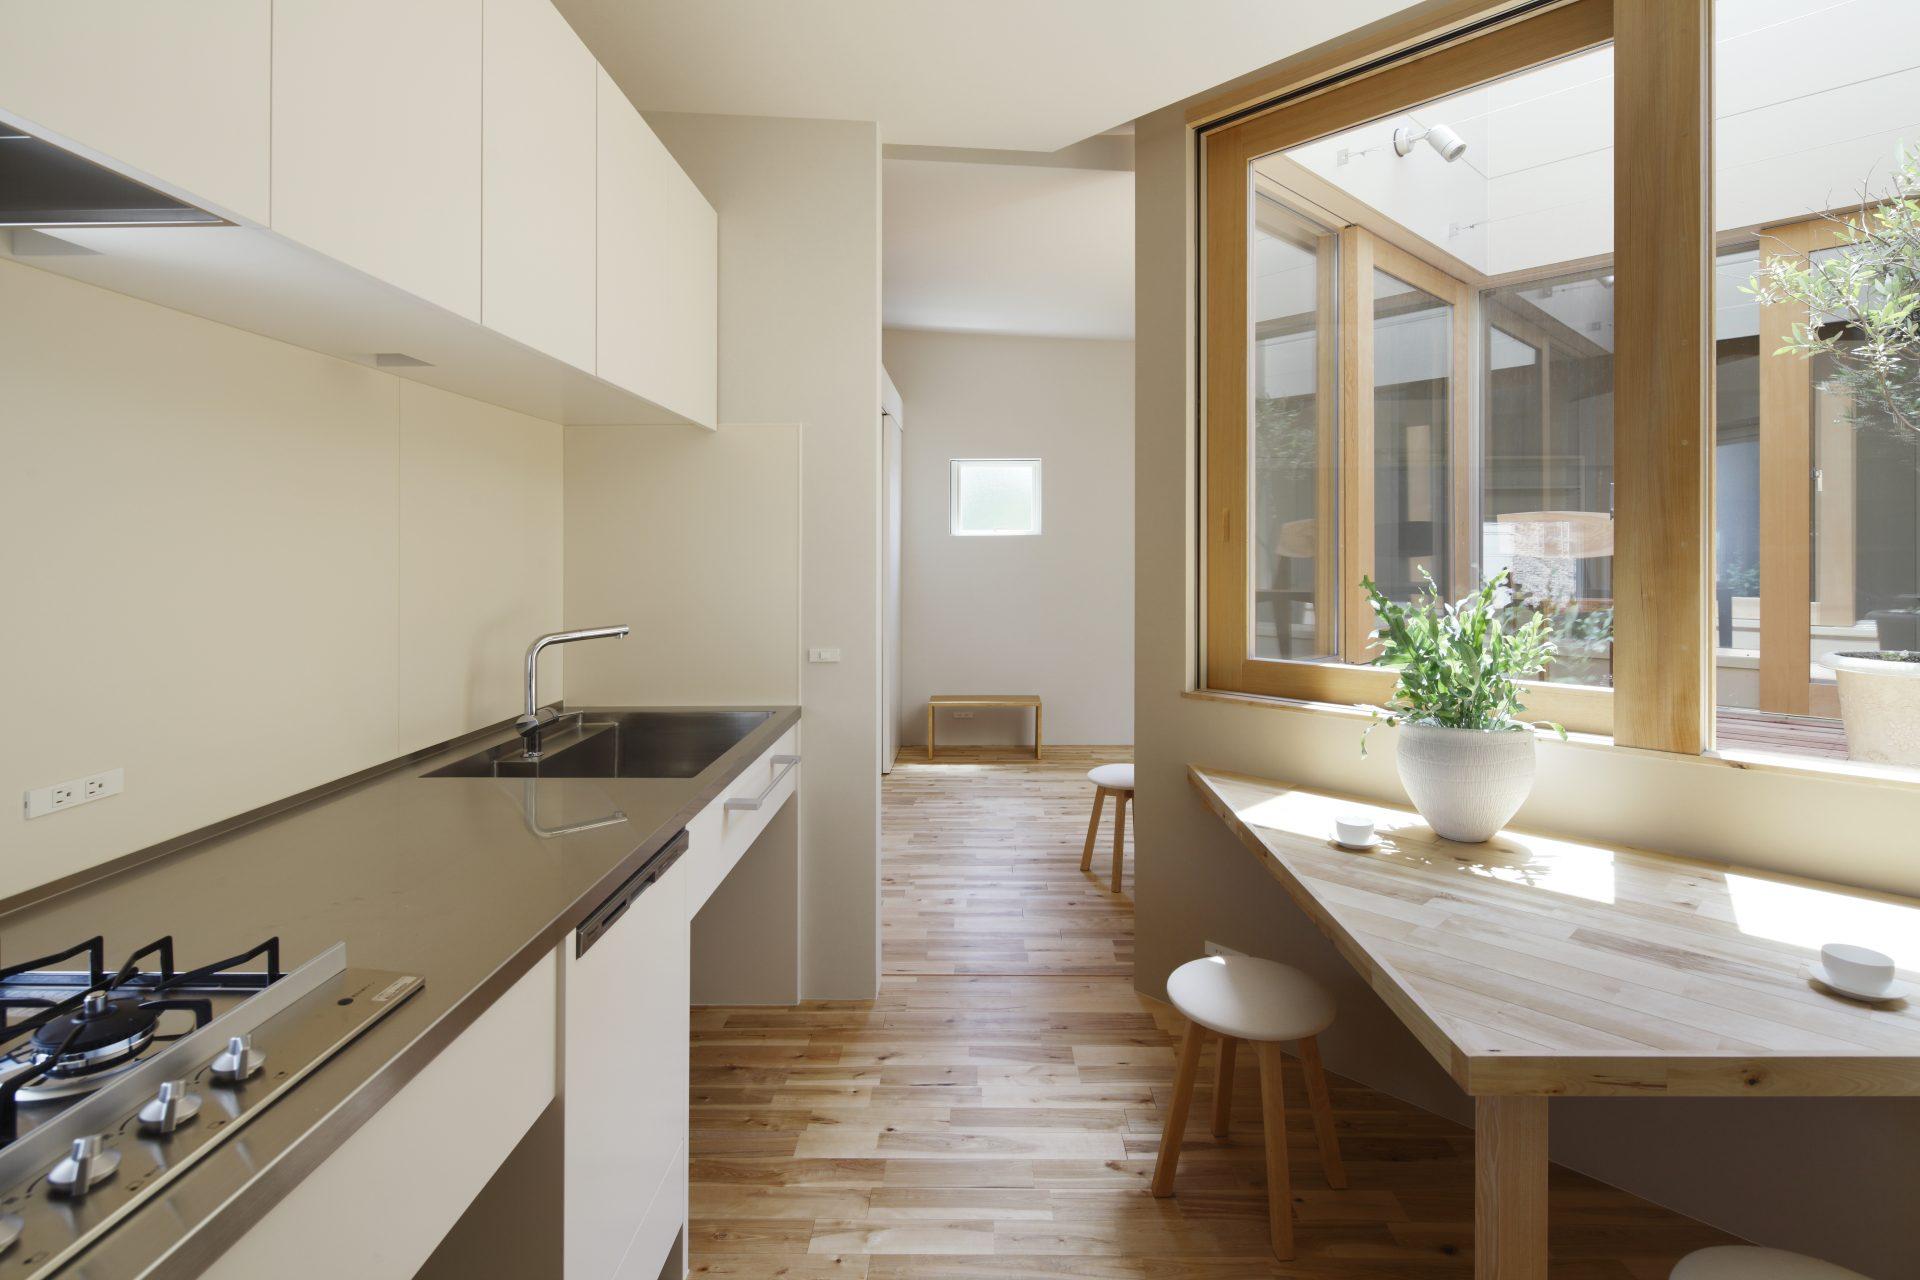 大阪長瀬のバイクガレージハウス|建築士の注文住宅のダイニングキッチン02